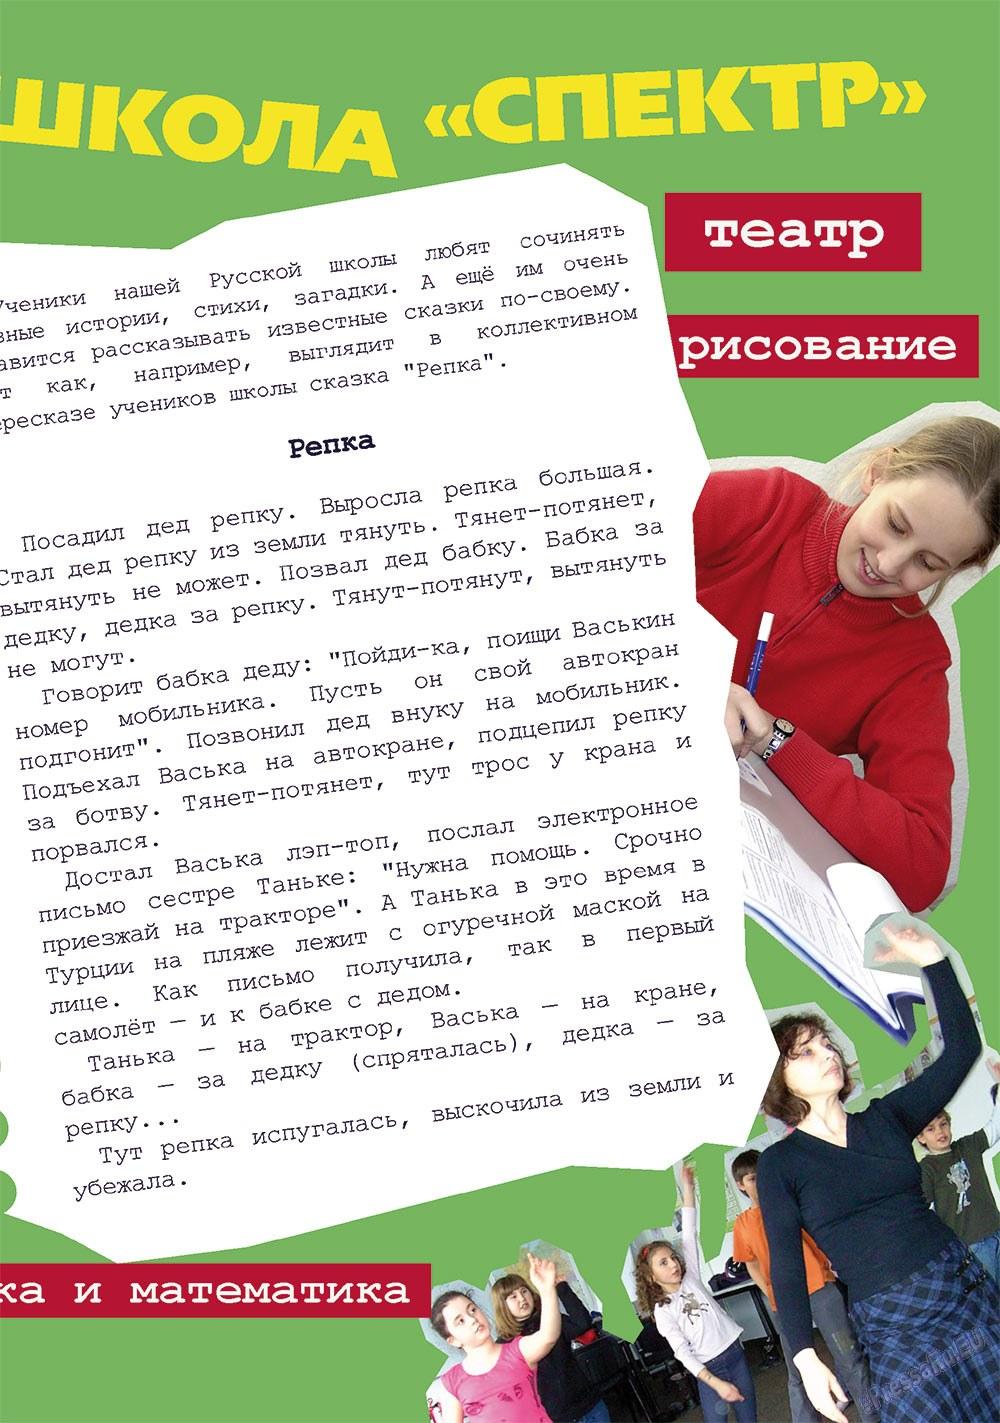 Апельсин (журнал). 2011 год, номер 26, стр. 33